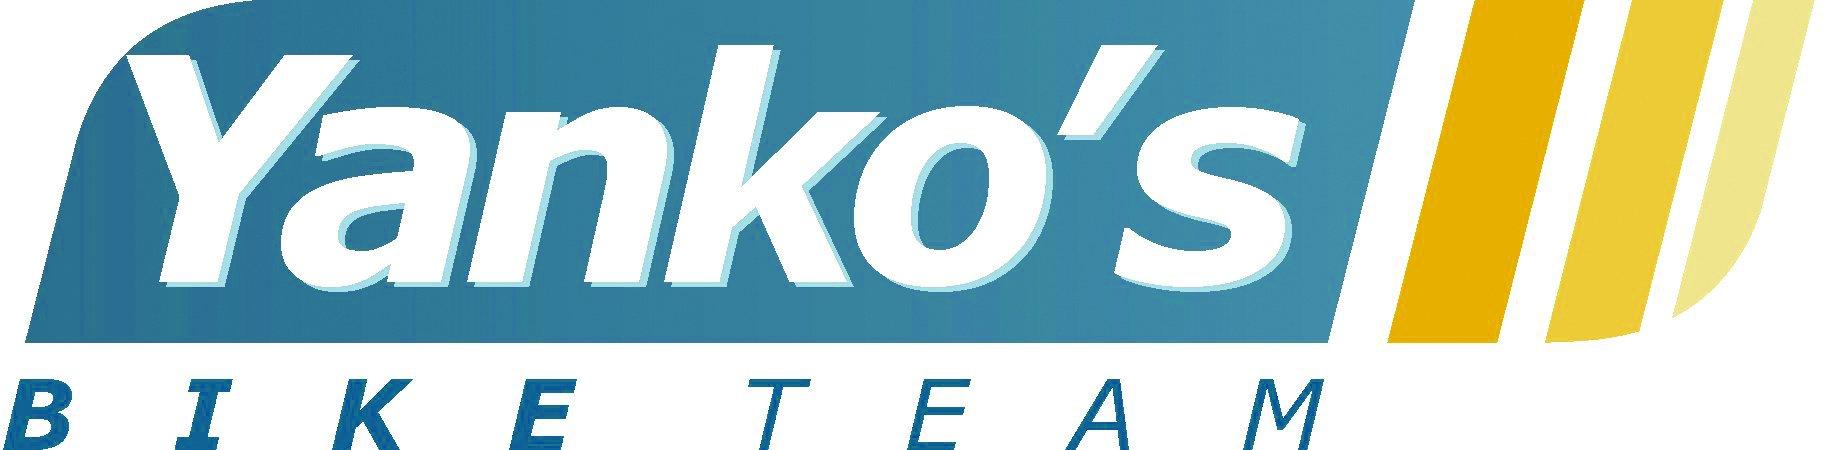 yanko's logo (1)